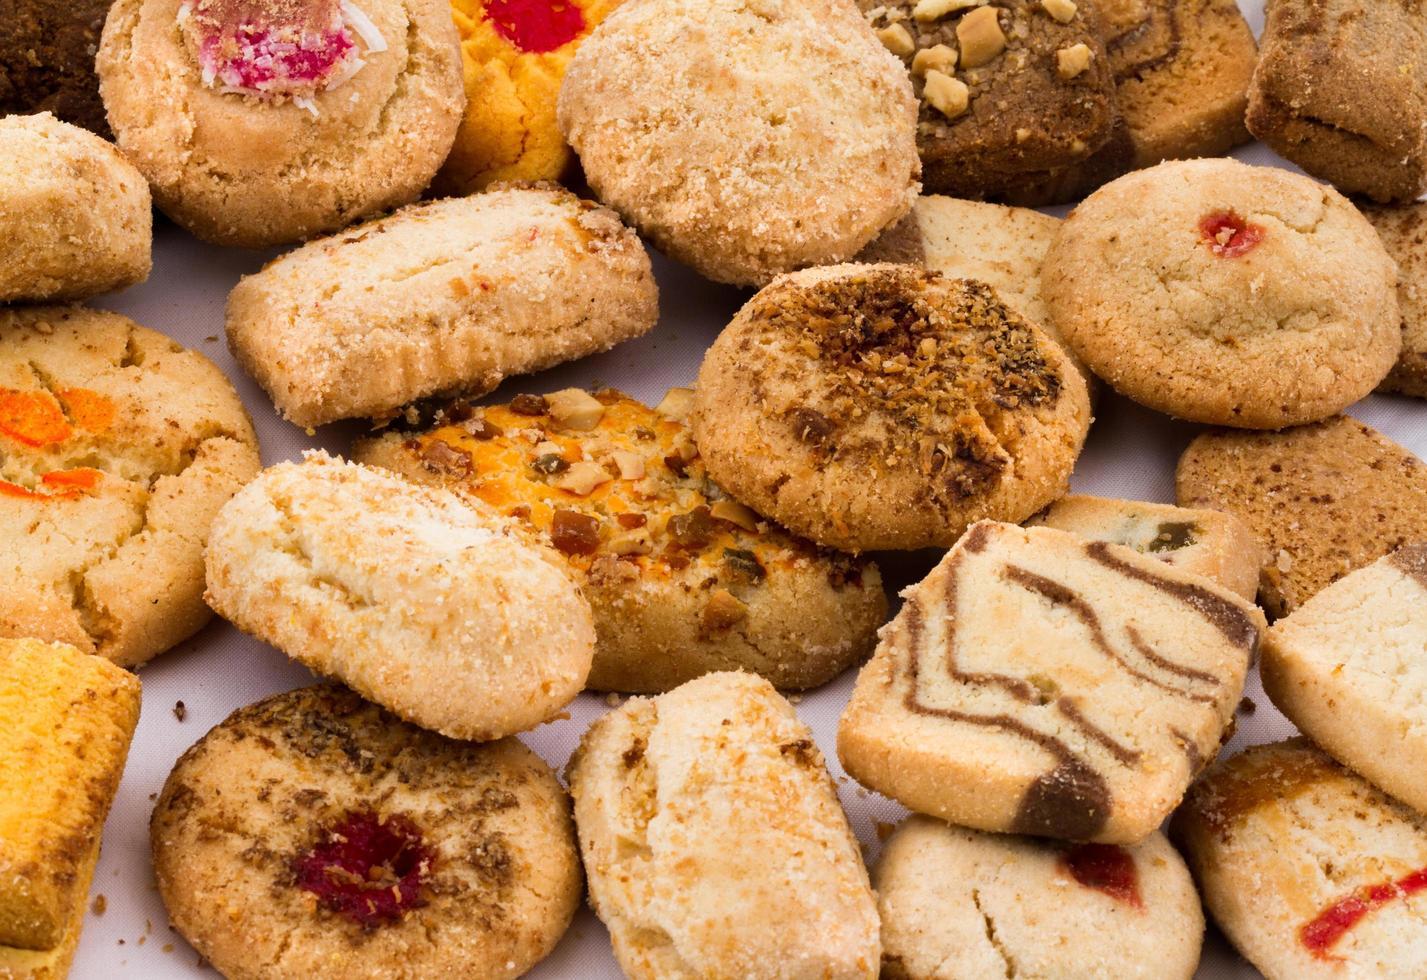 galletas caseras indias frescas foto